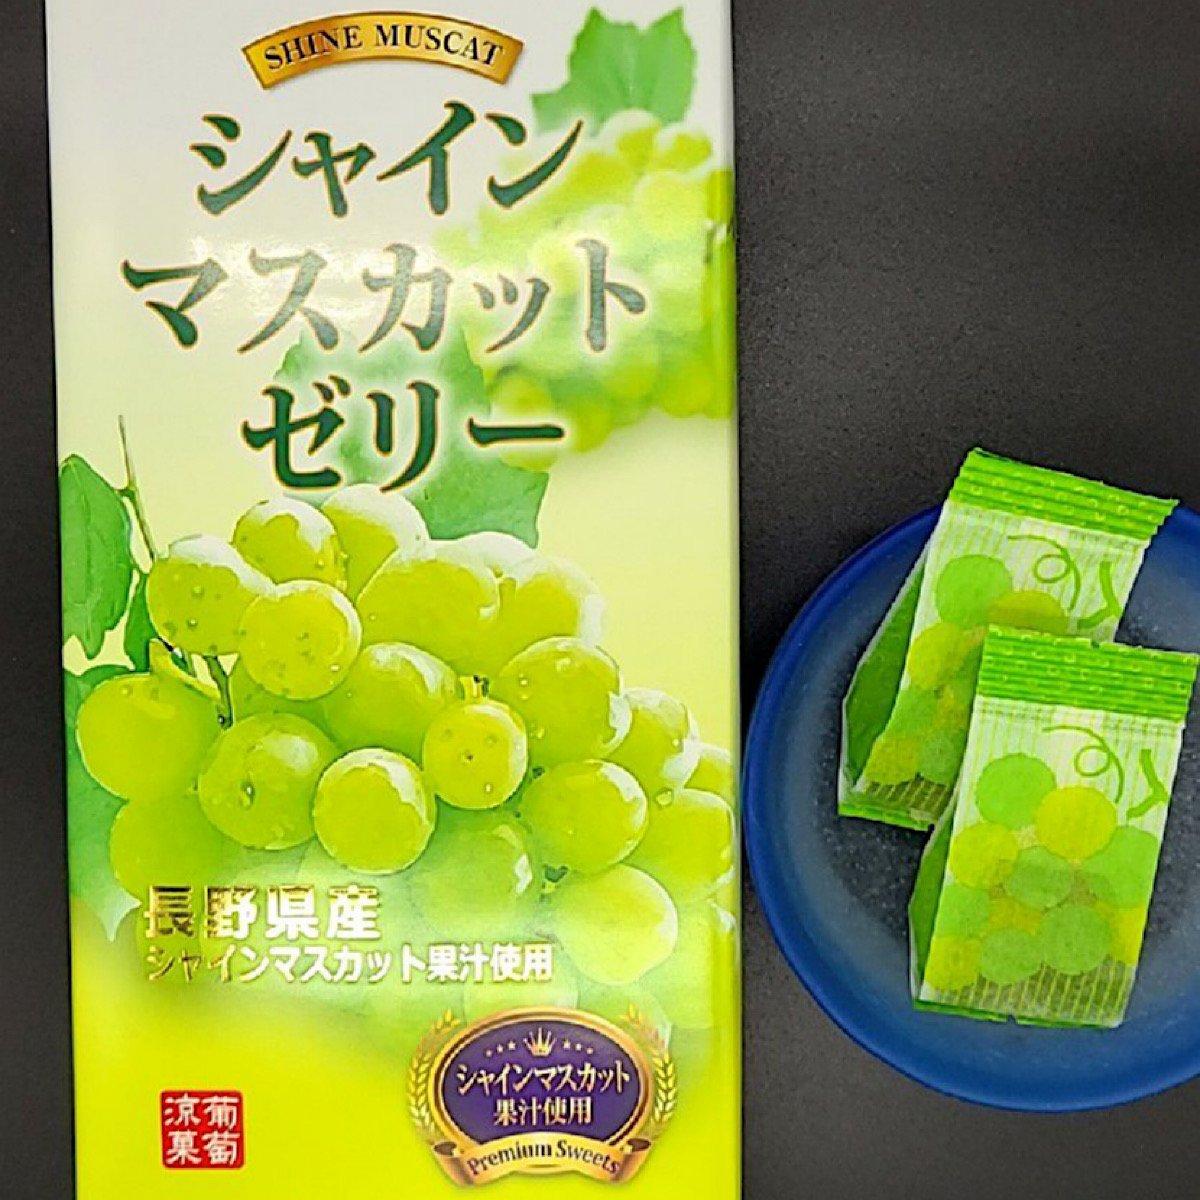 【うなぎ会専用商品】シャインマスカットゼリー | 長野県産シャインマスカット果汁使用のイメージその1